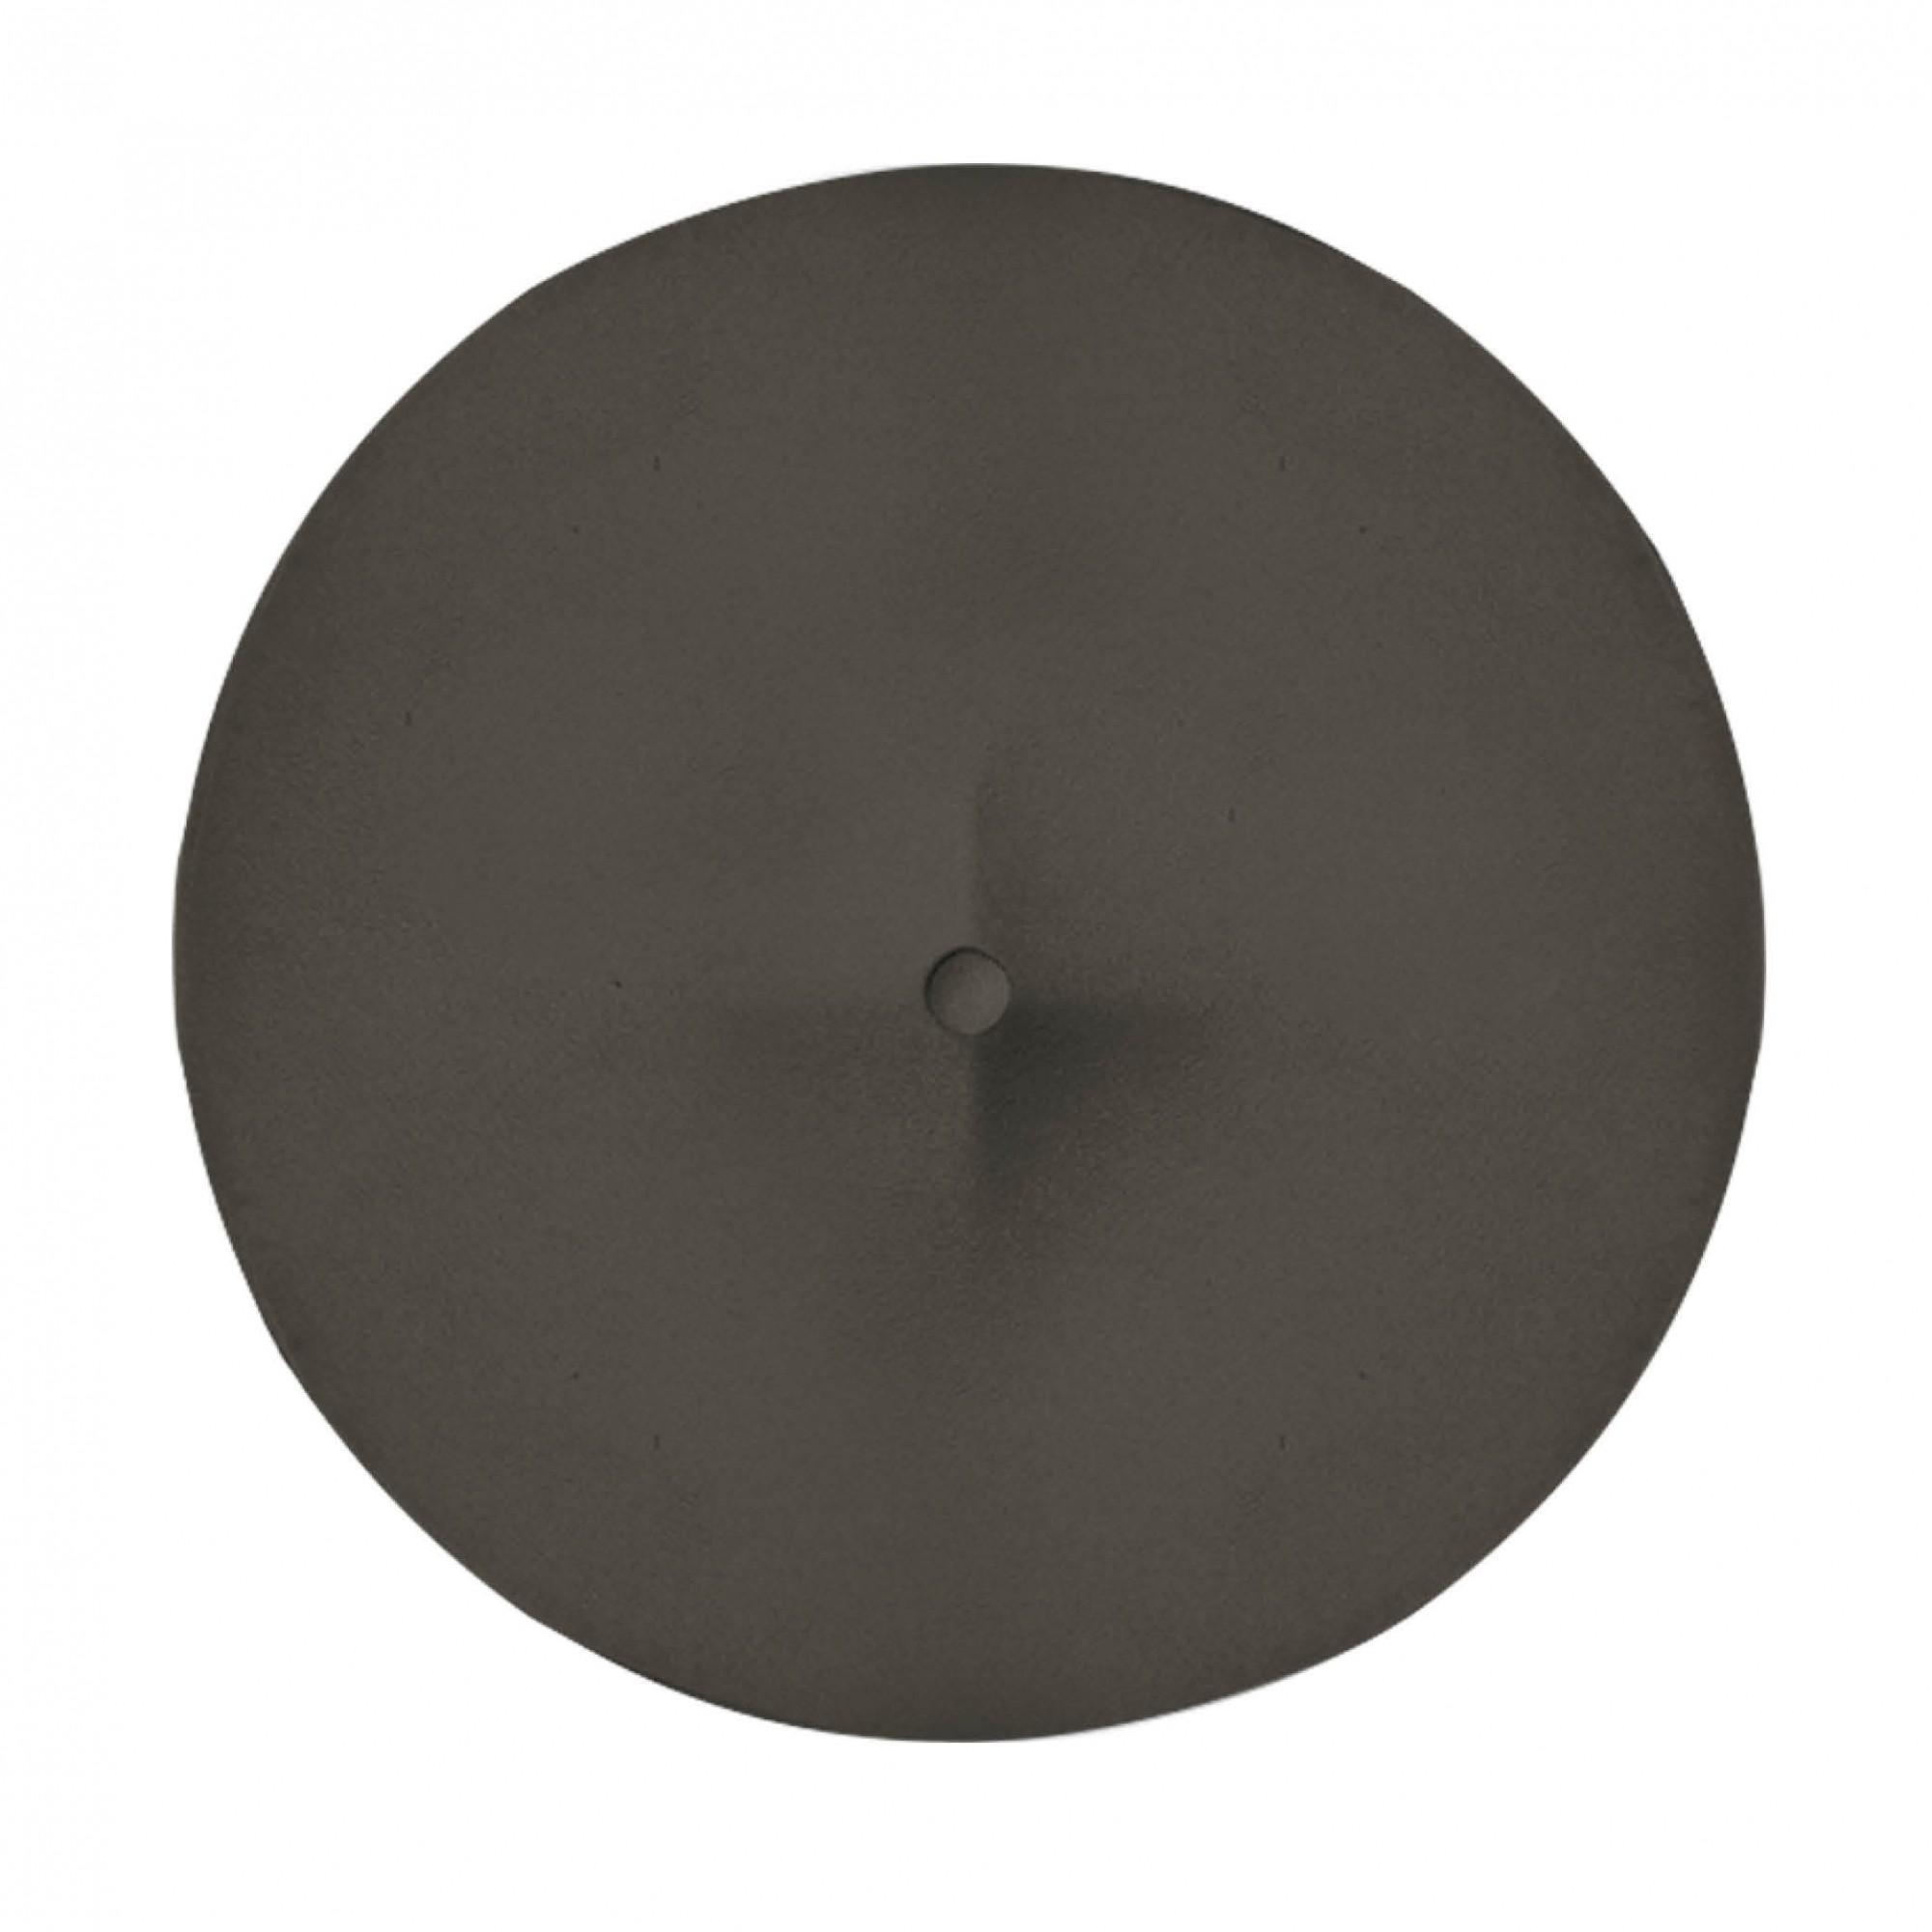 Kit 04 Puffs Duda Decorativa Sala de Estar Recepção Pé Palito Suede Marrom Rato D10 - D´Classe Decor